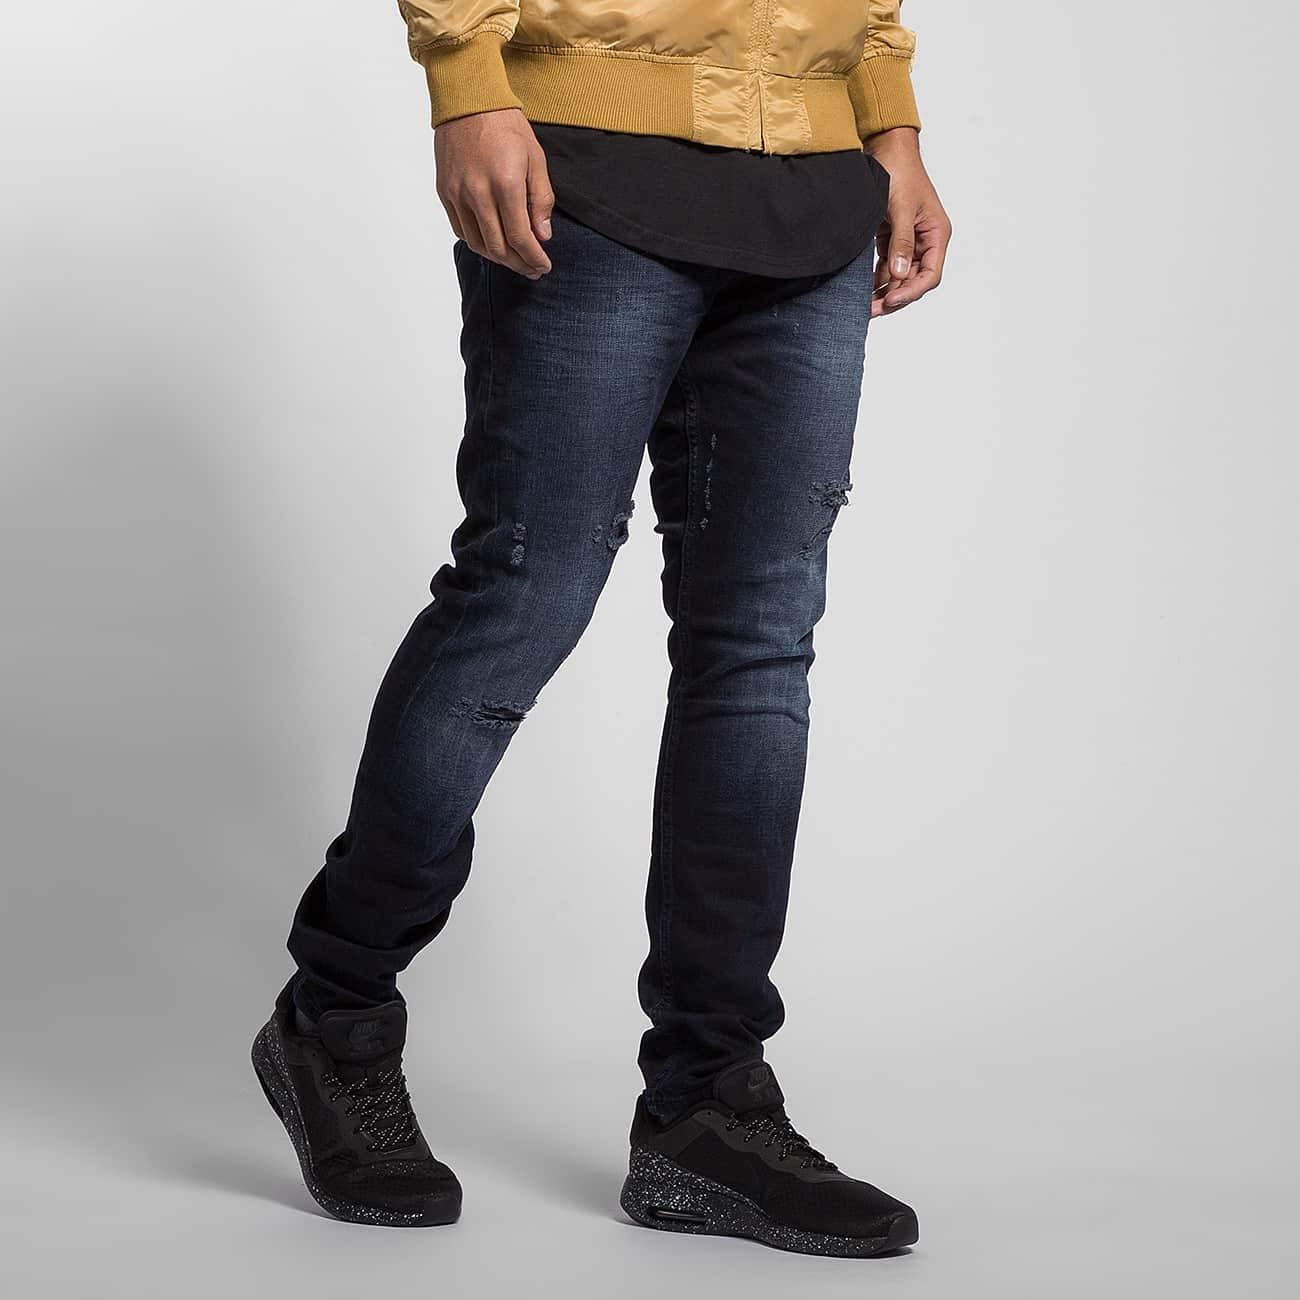 2Y Skinny Jeans Dallur blue